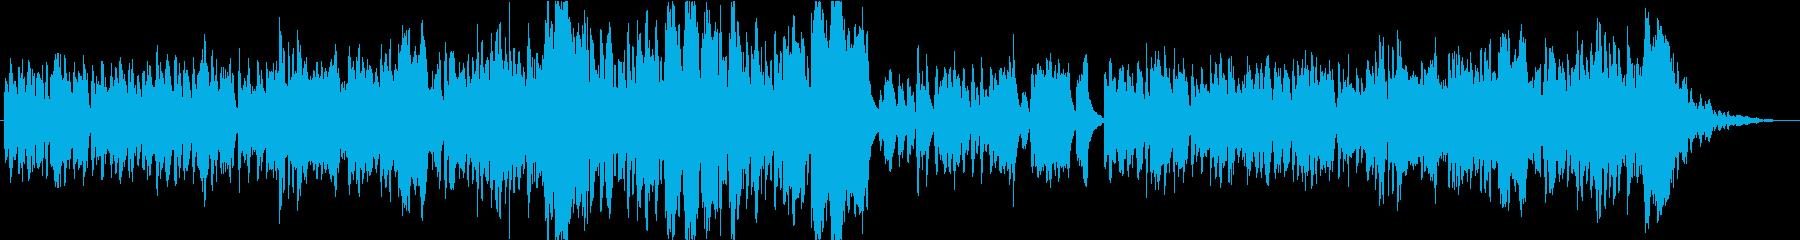 ハロウィン/妖しい/バンパイヤ/魔女の再生済みの波形